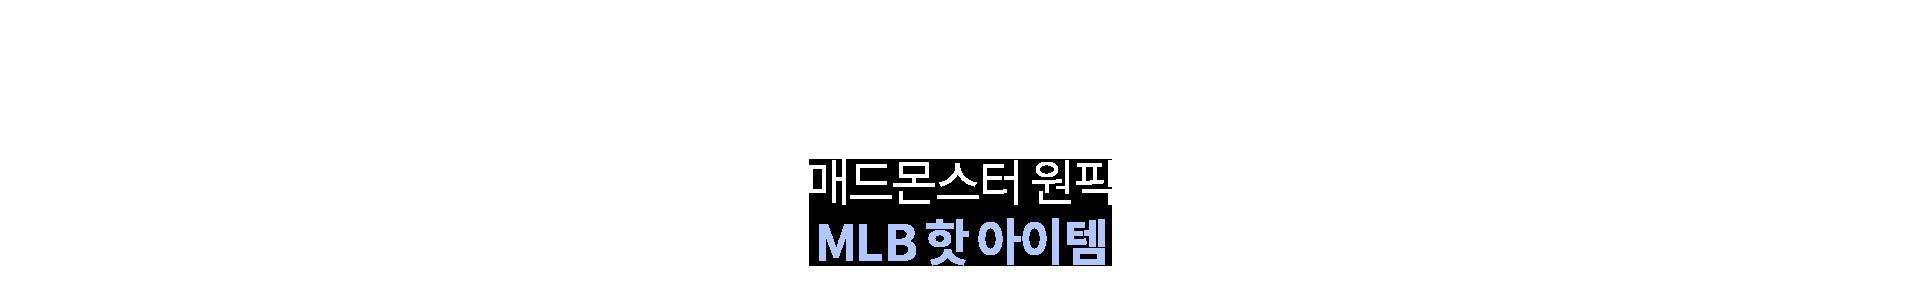 매드몬스터 원픽 MLB핫 아이템